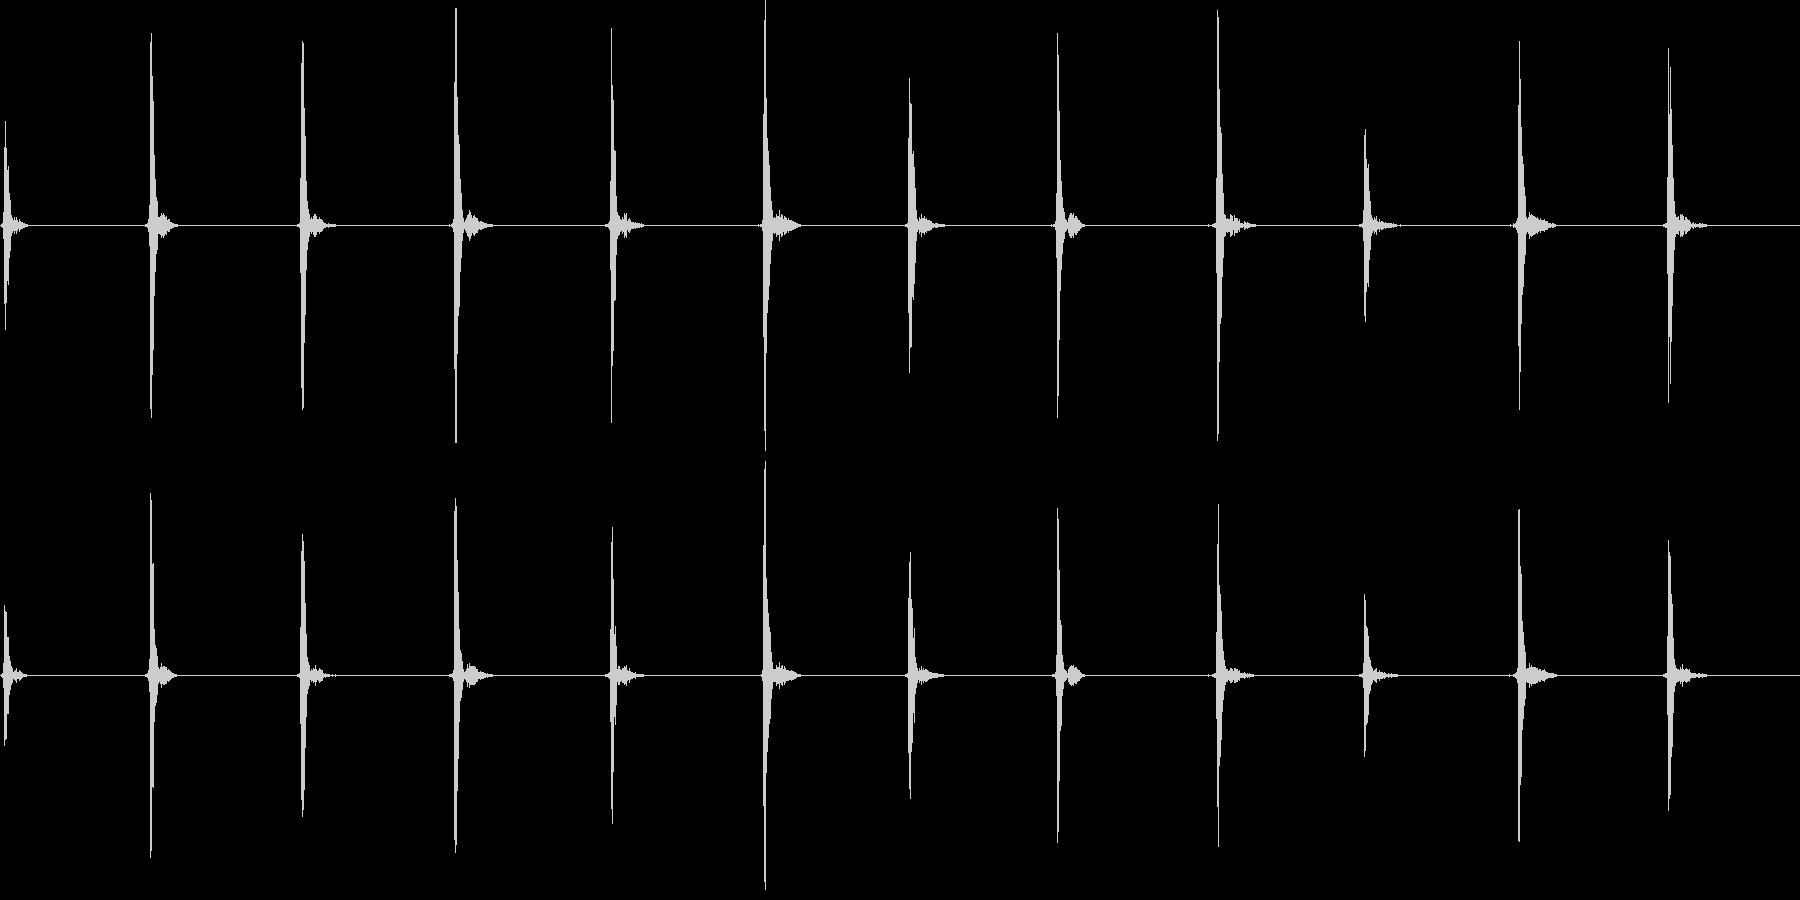 カッコッカッコッカッコッ…(柱時計の音)の未再生の波形